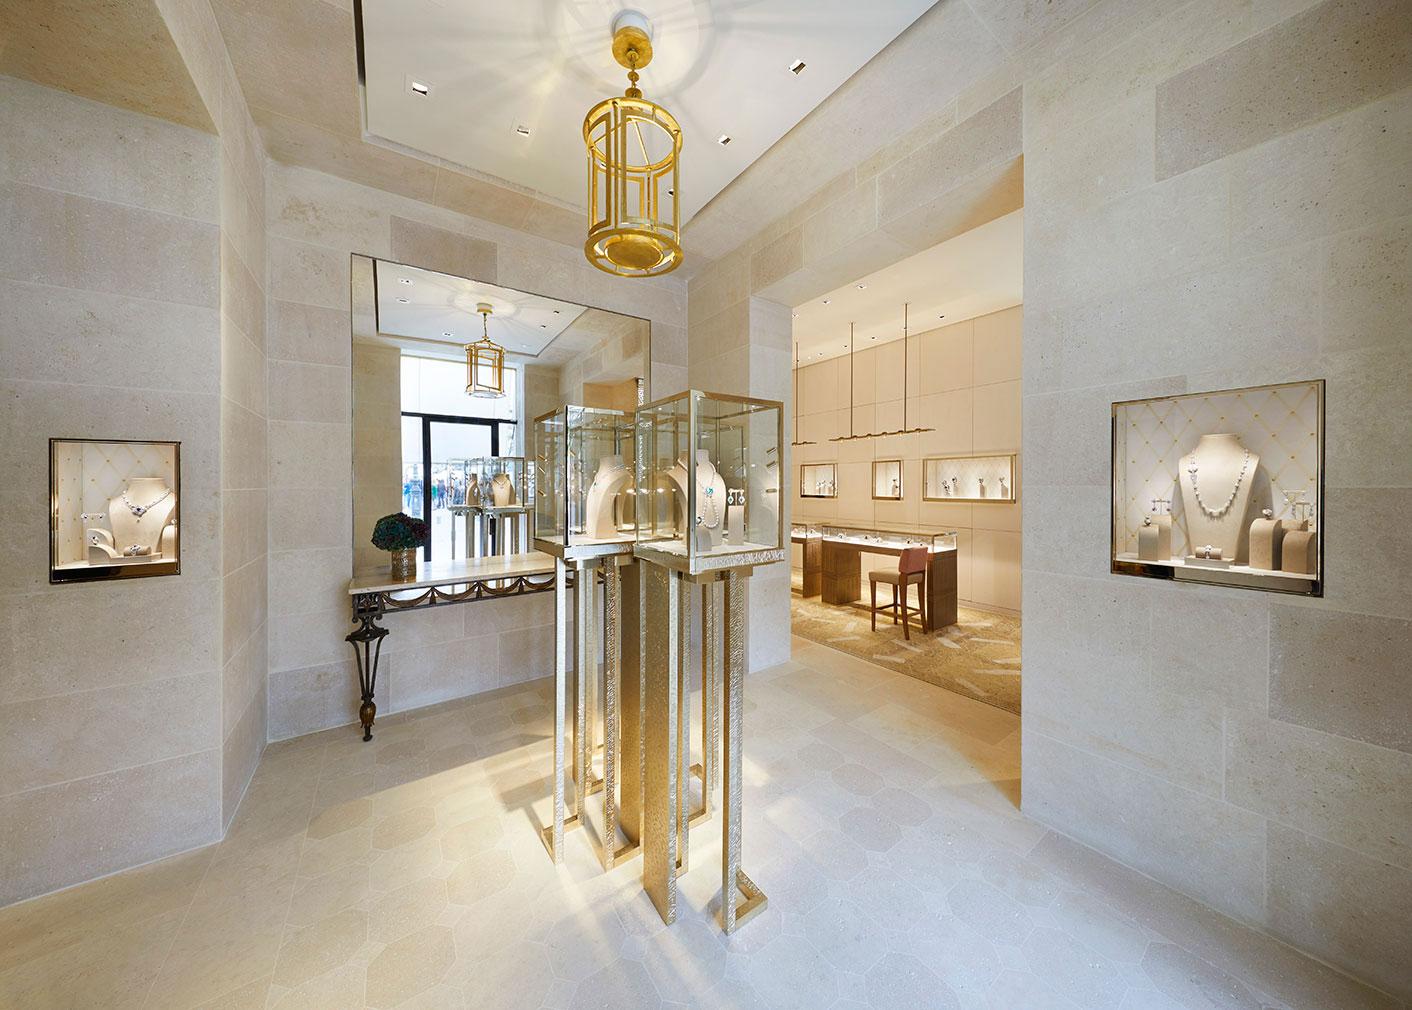 Louis Vuitton comes home to Place Vendôme